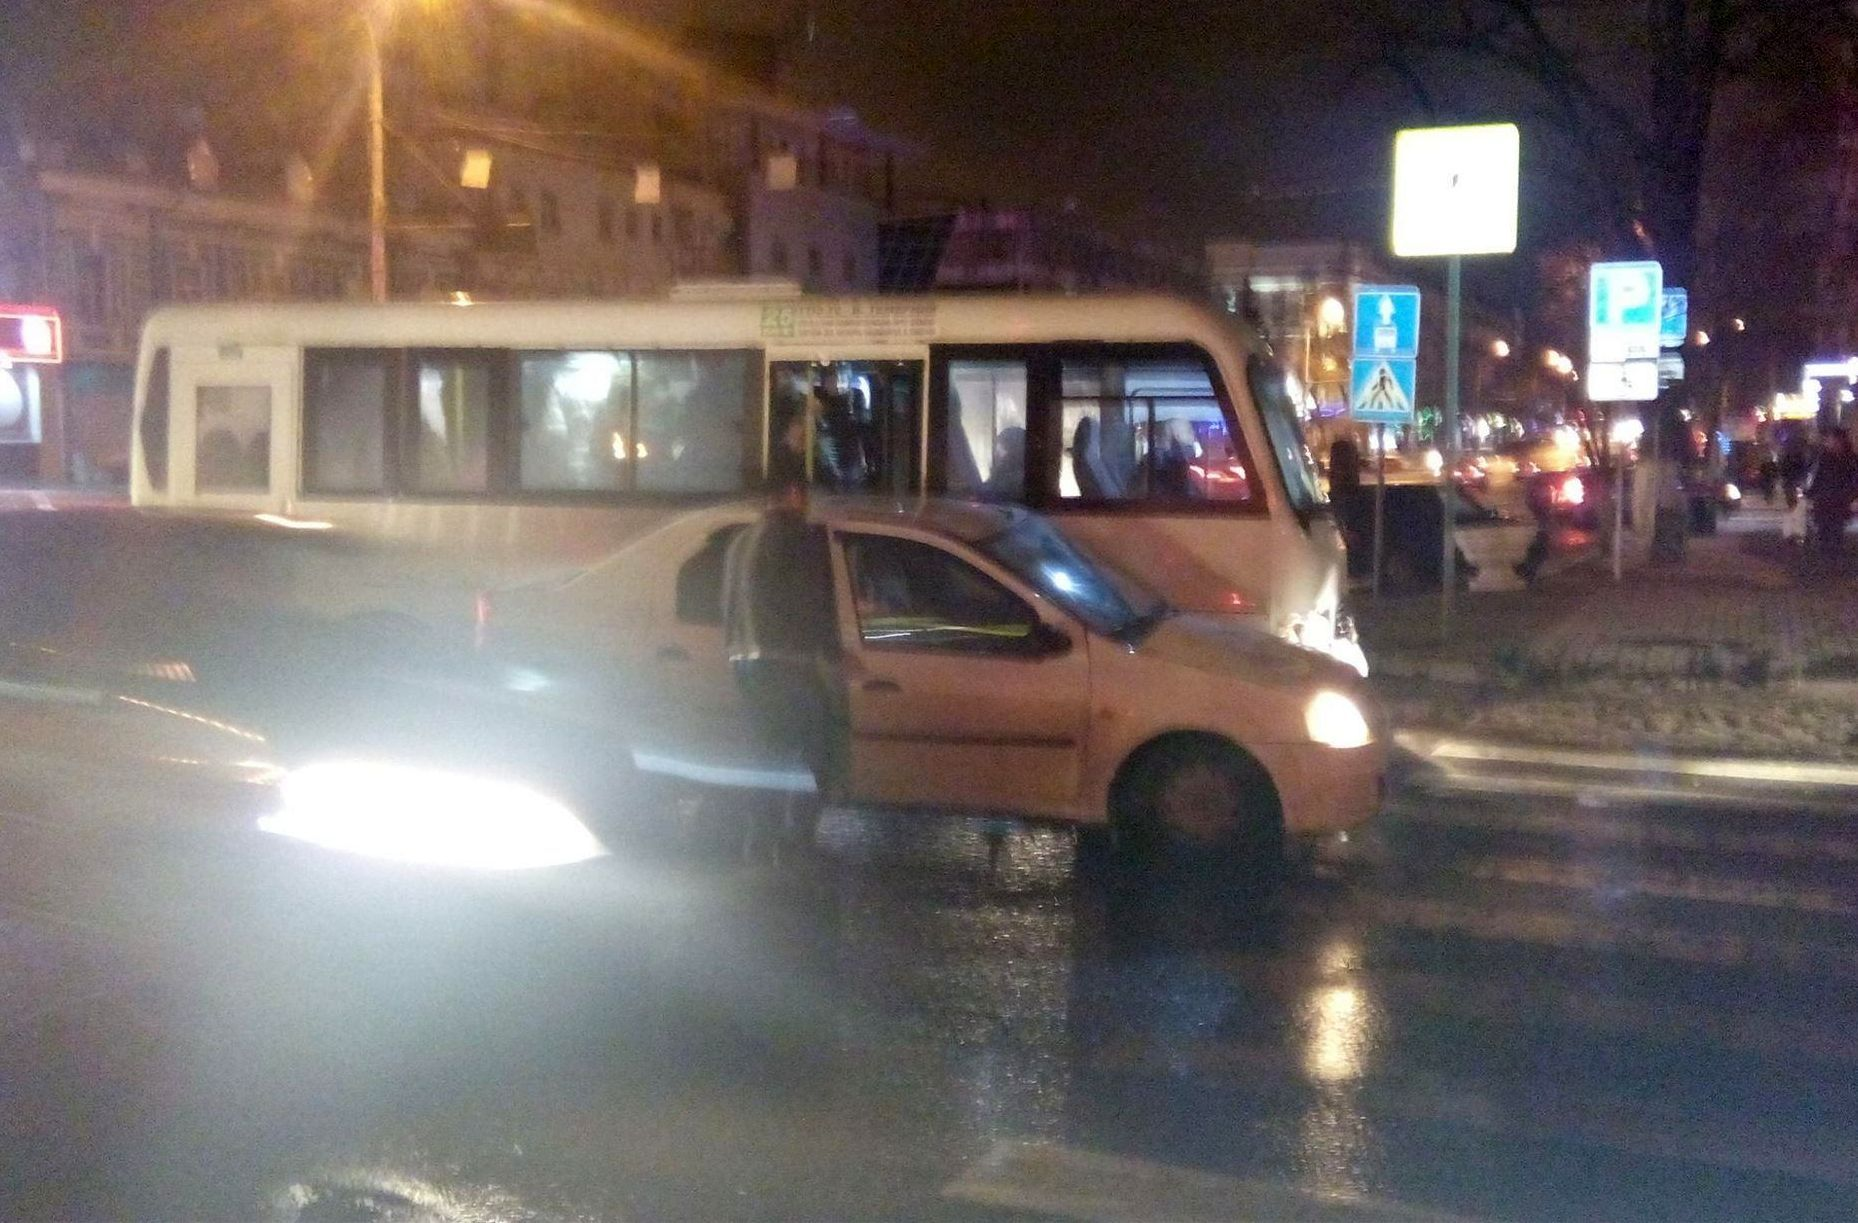 Вцентре Ростова легковой автомобиль протаранил маршрутку, пассажиры вылезали через окно